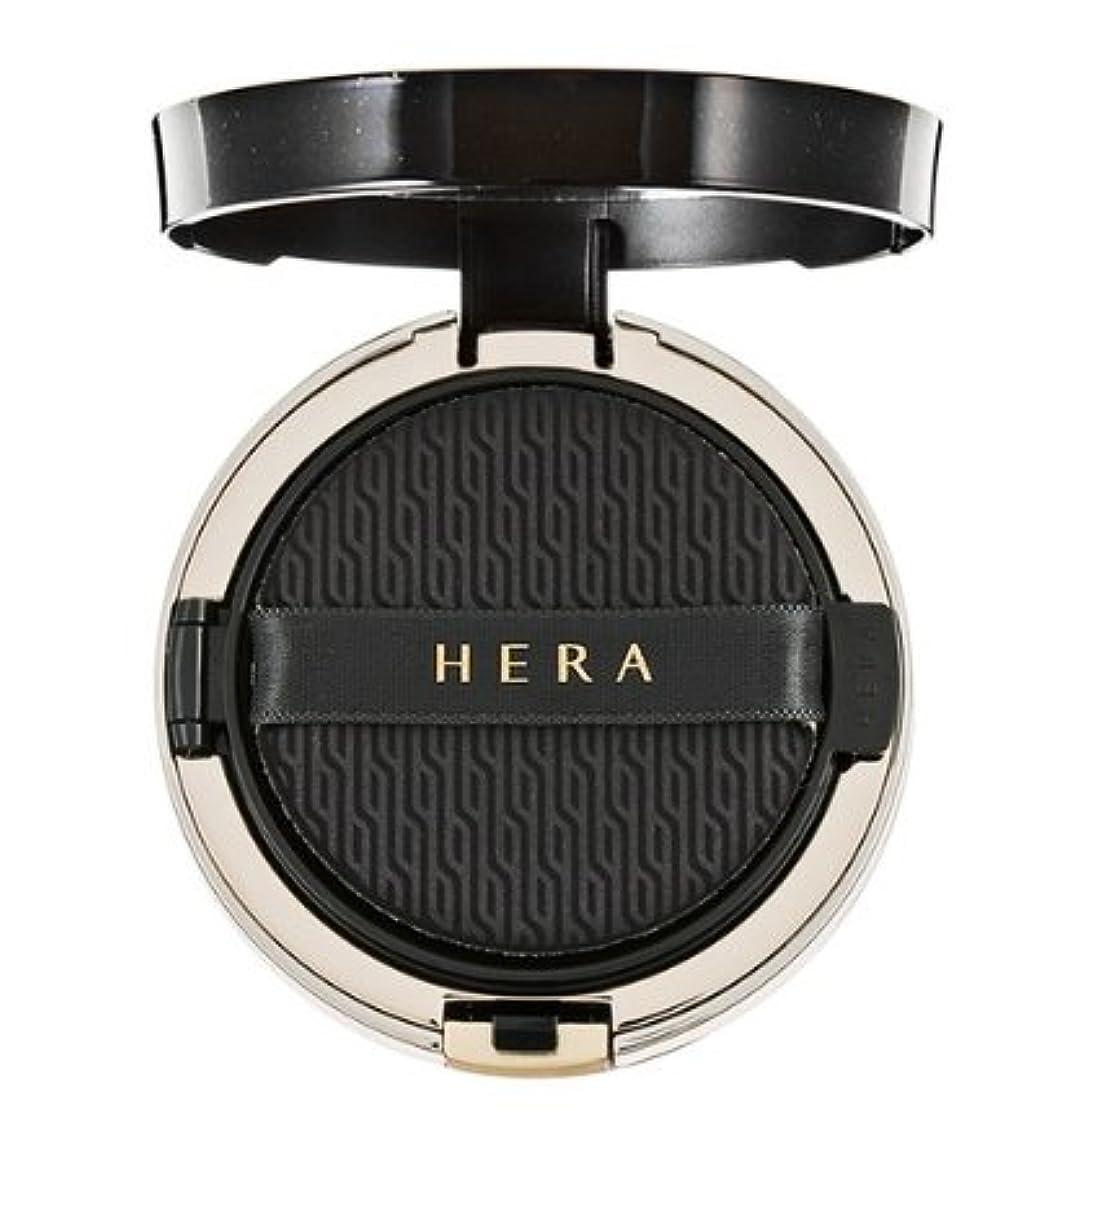 伝説締める陰謀(ヘラ) Hera ブラッククッション SPF34/PA++ 本品15g+リフィール15g / Black Cushion SPF34/PA++ 15g+Refil15g (No.21 banila) (韓国直発送) shumaman